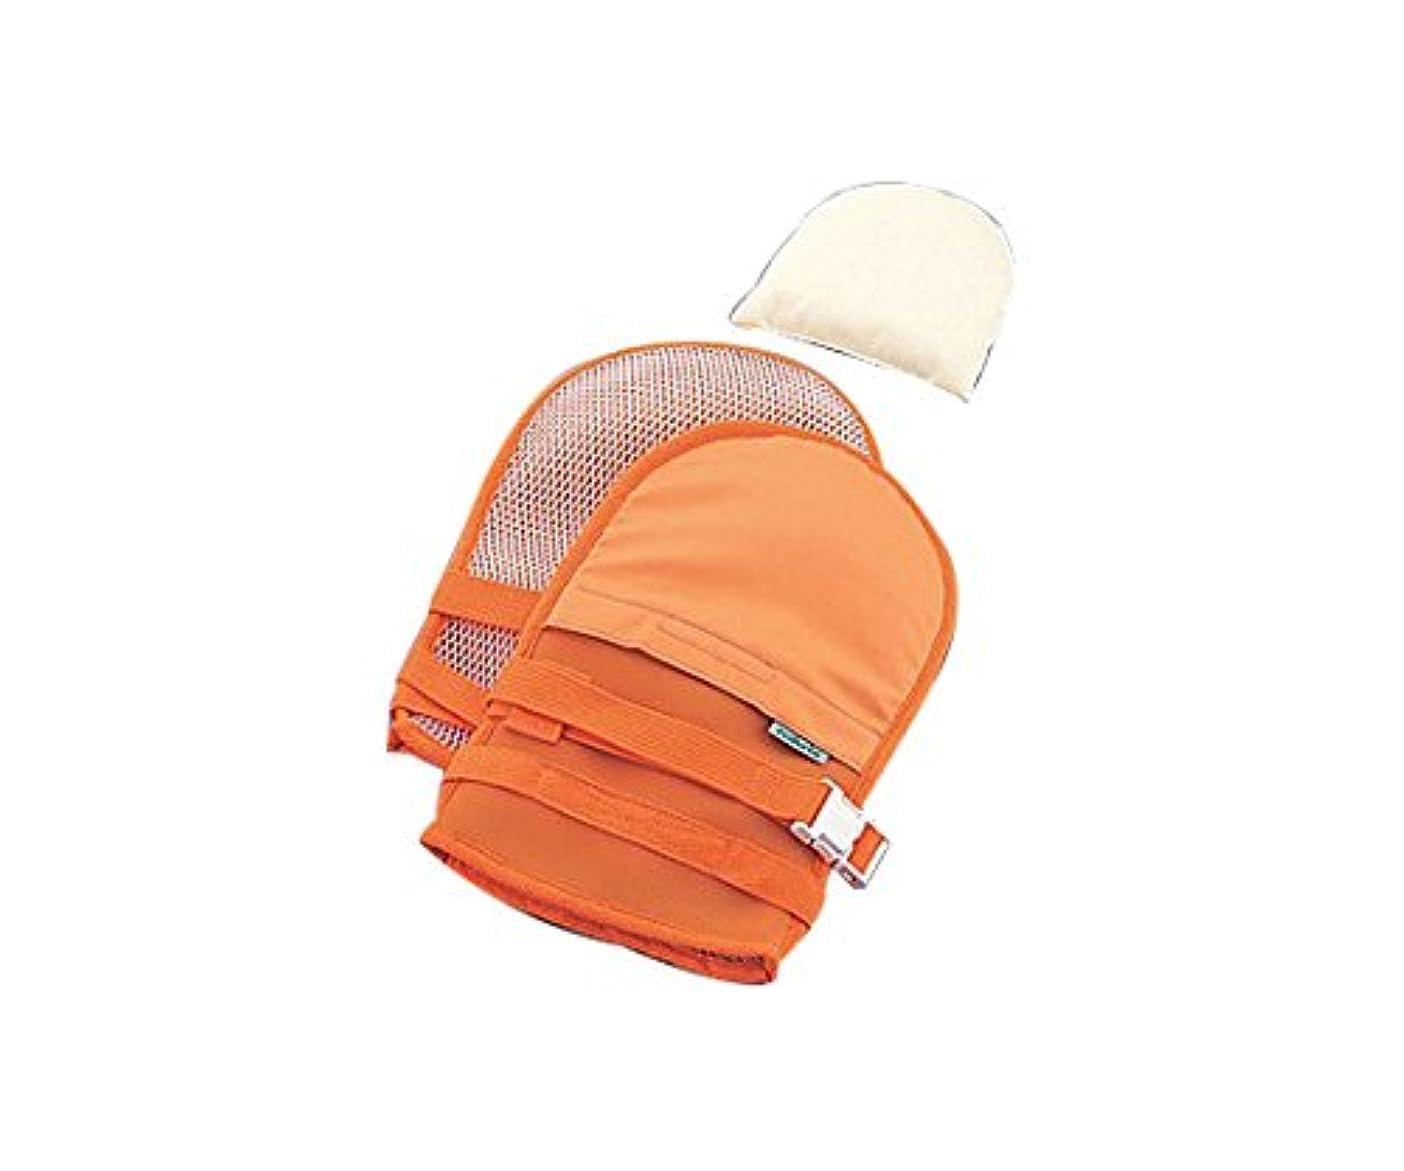 分解する動的難民ナビス(アズワン)0-1638-41抜管防止手袋大メッシュオレンジ